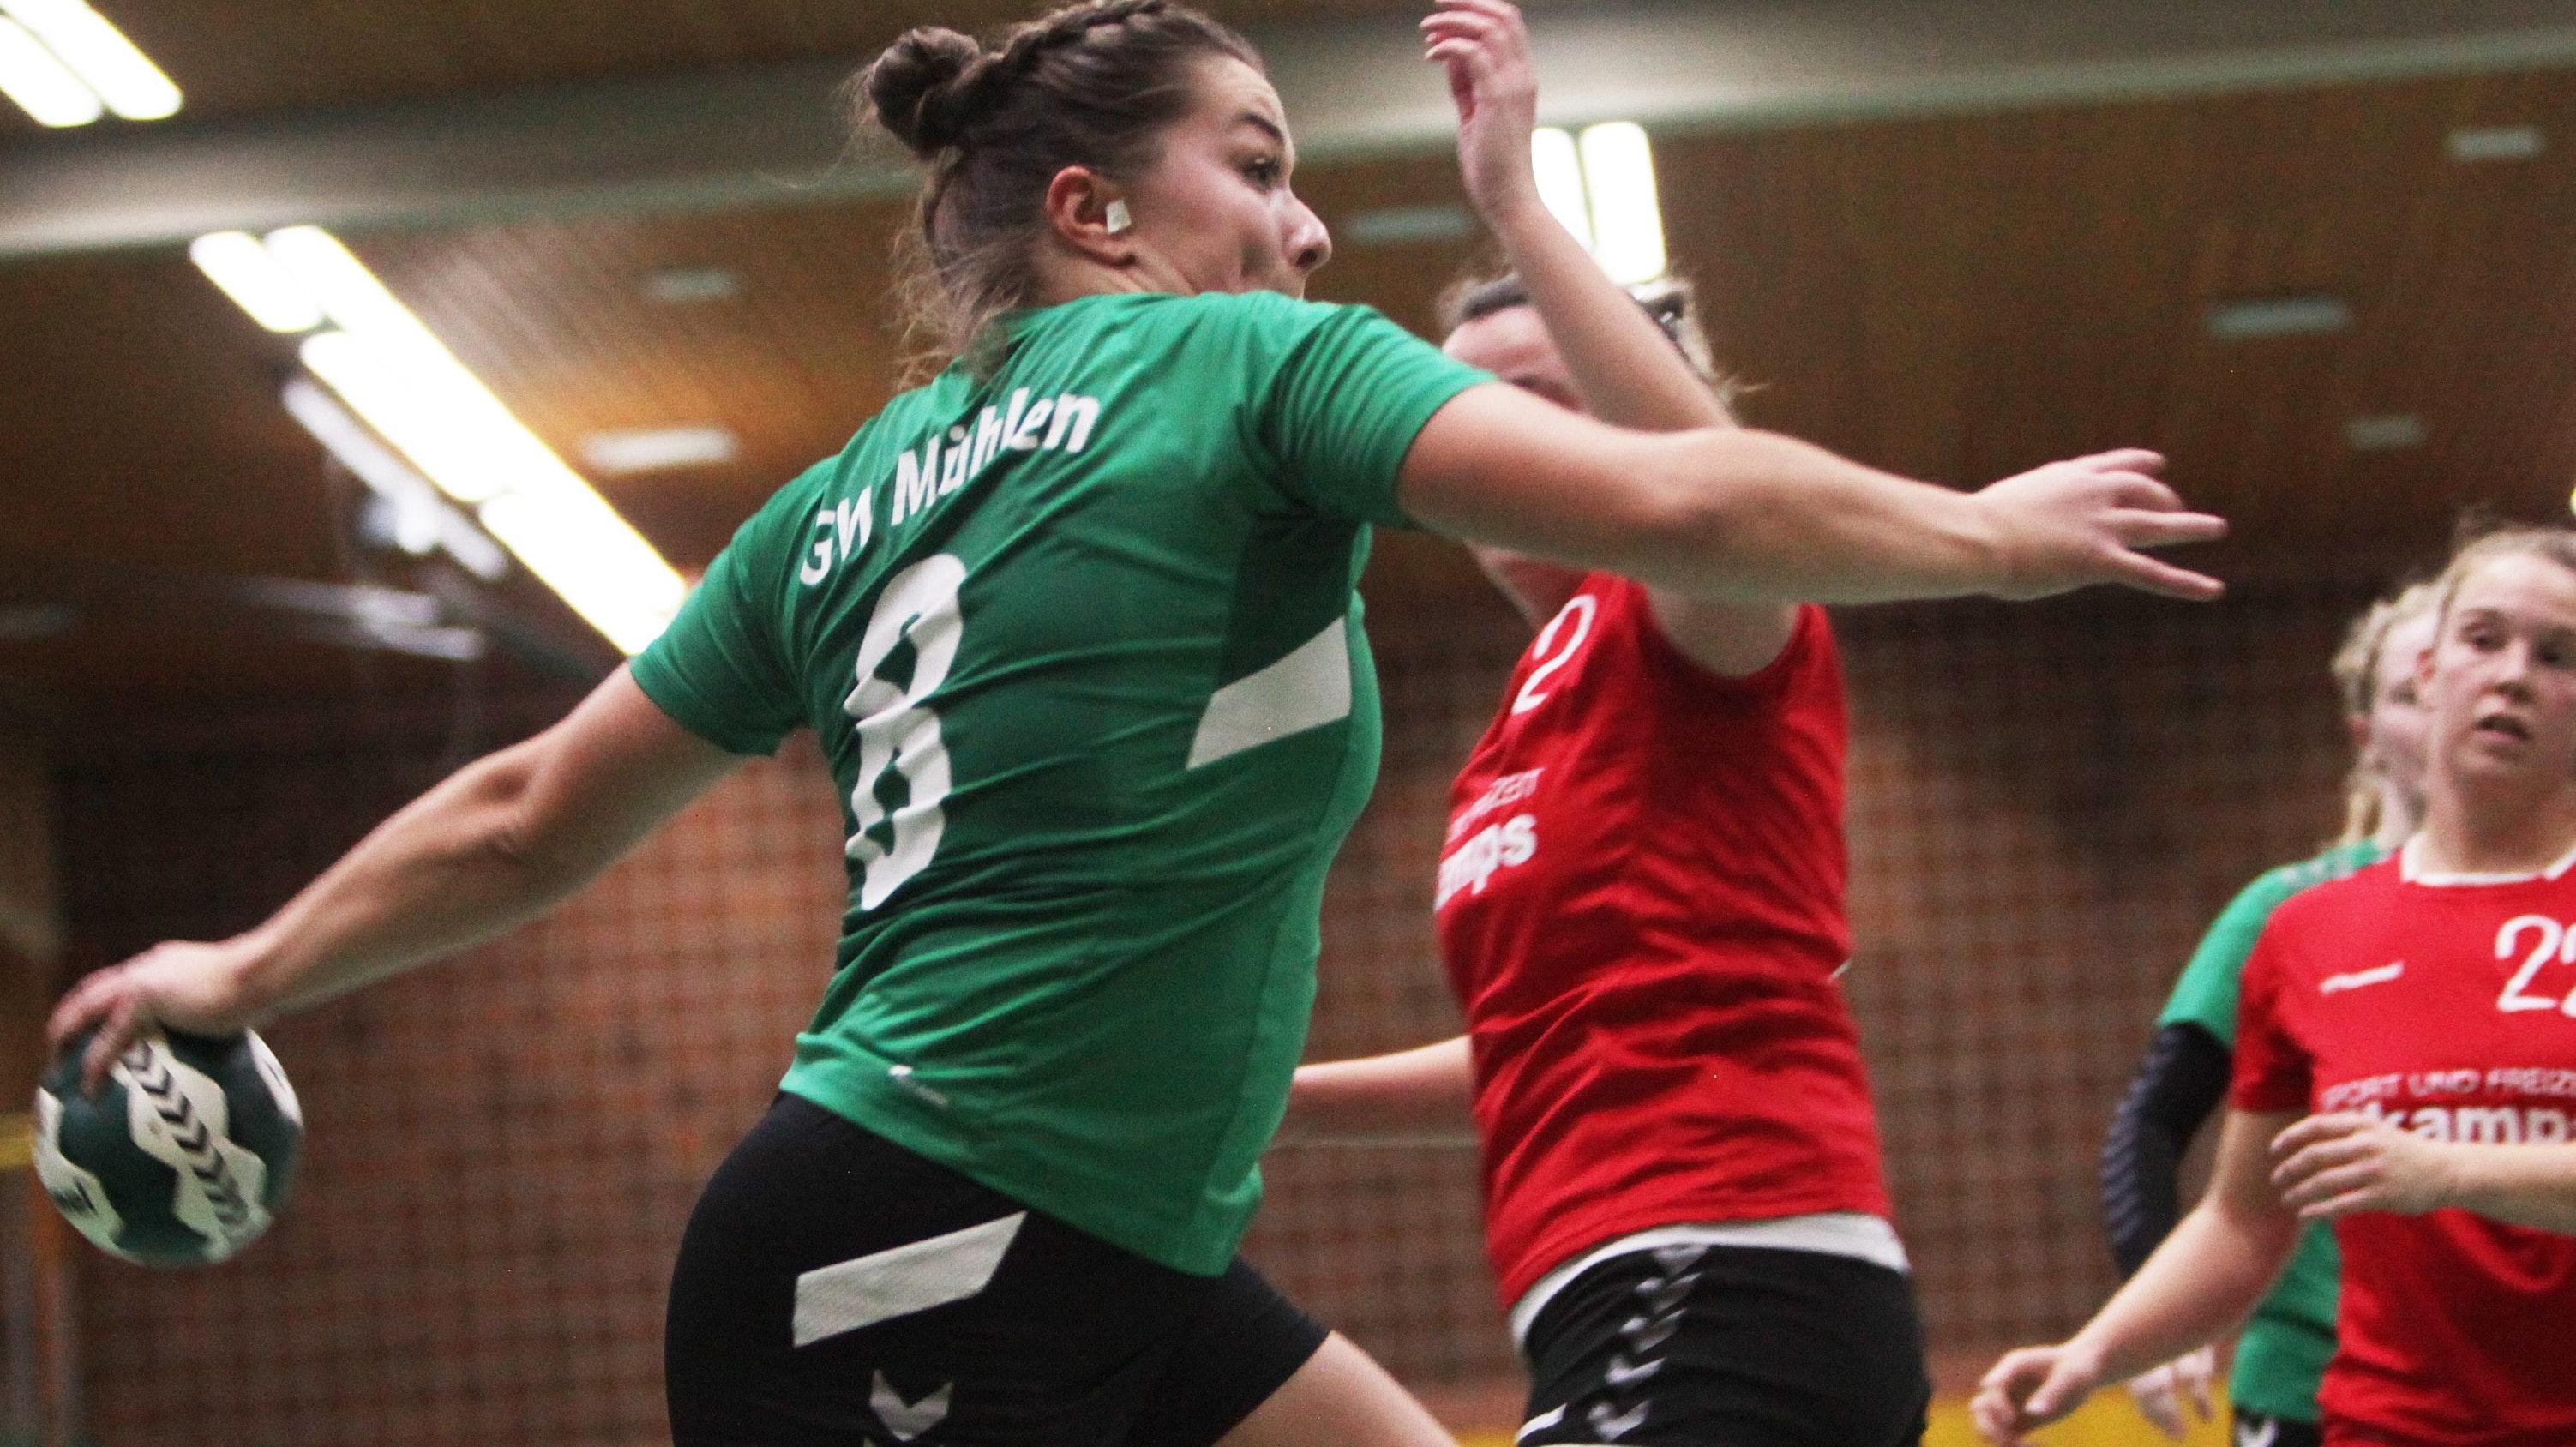 Den Ball in der Hand, das Tor im Blick: Mühlens Alina Schillmöller. Foto: Schikora